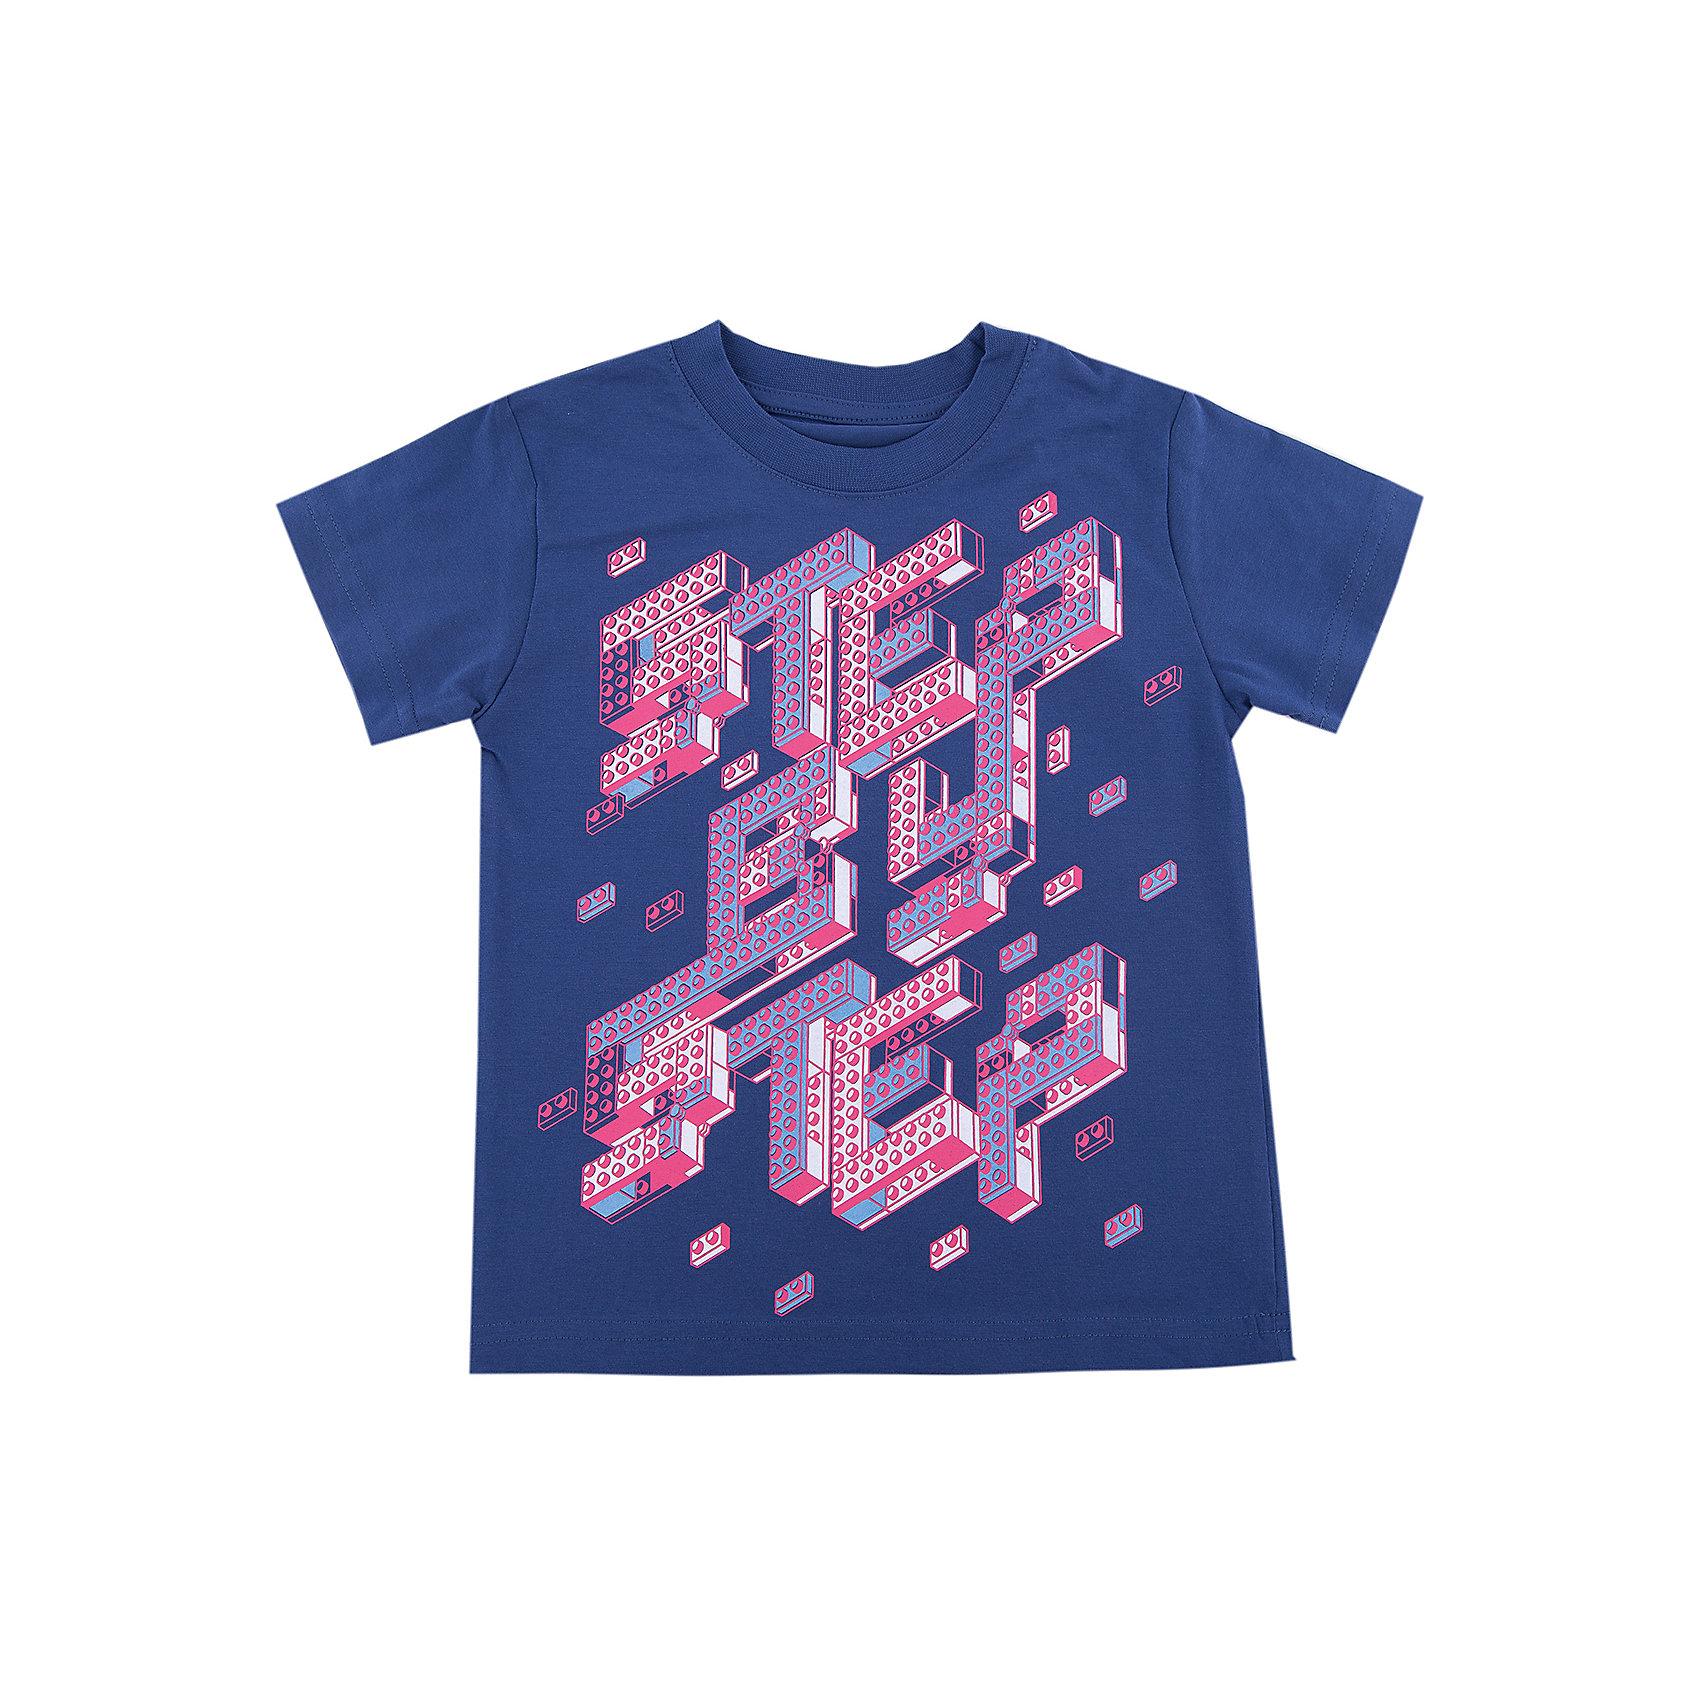 Футболка для мальчика WOWФутболки, поло и топы<br>Футболка для мальчика WOW<br>Незаменимой вещью в  гардеробе послужит футболка с коротким рукавом. Стильная и в тоже время комфортная модель, с яркой оригинальной печатью, будет превосходно смотреться на ребенке.<br>Состав:<br>кулирная гладь 100% хлопок<br><br>Ширина мм: 199<br>Глубина мм: 10<br>Высота мм: 161<br>Вес г: 151<br>Цвет: синий<br>Возраст от месяцев: 72<br>Возраст до месяцев: 84<br>Пол: Мужской<br>Возраст: Детский<br>Размер: 122,98,104,110,116<br>SKU: 6871632